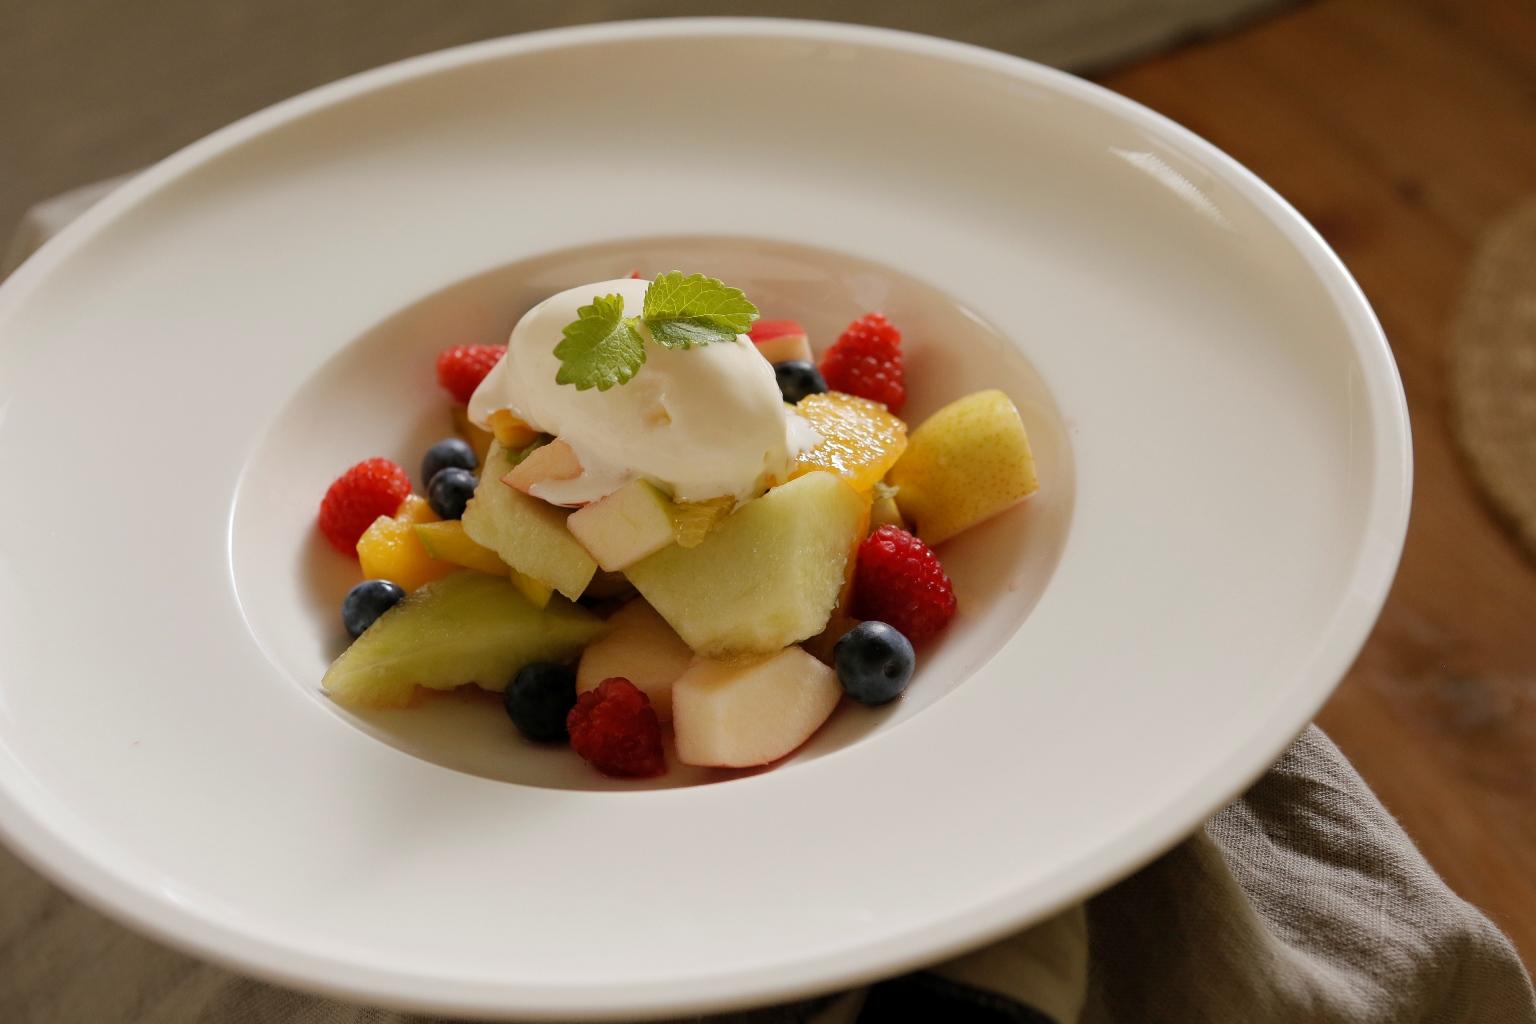 Letní ovocný salát s vanilkovou zmrzlinou